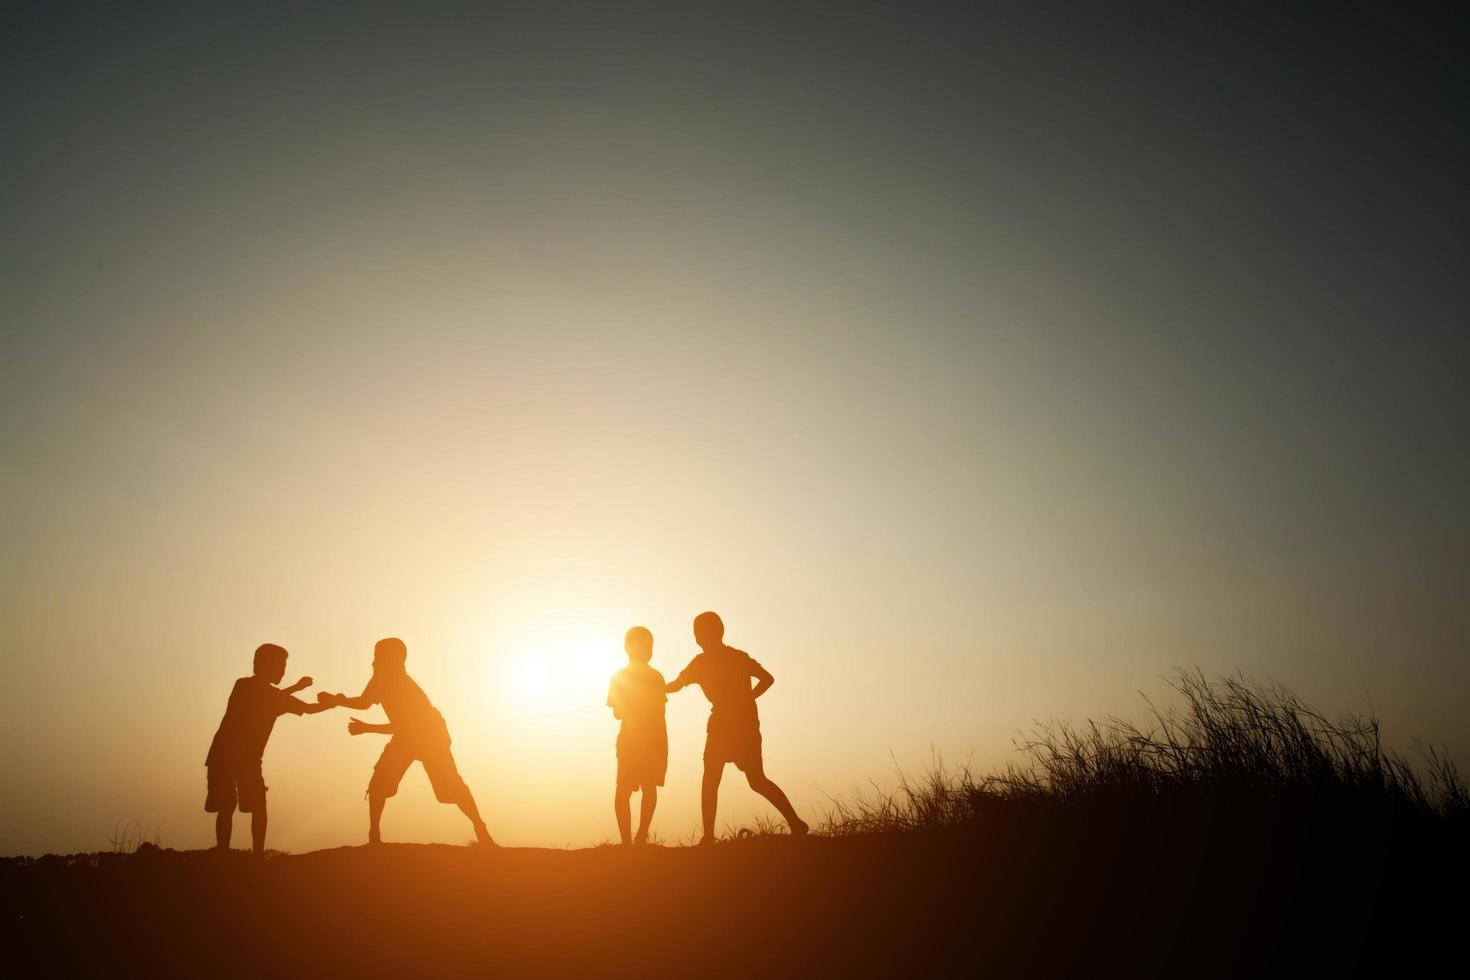 niños jugando en el atardecer de verano tiempo feliz foto